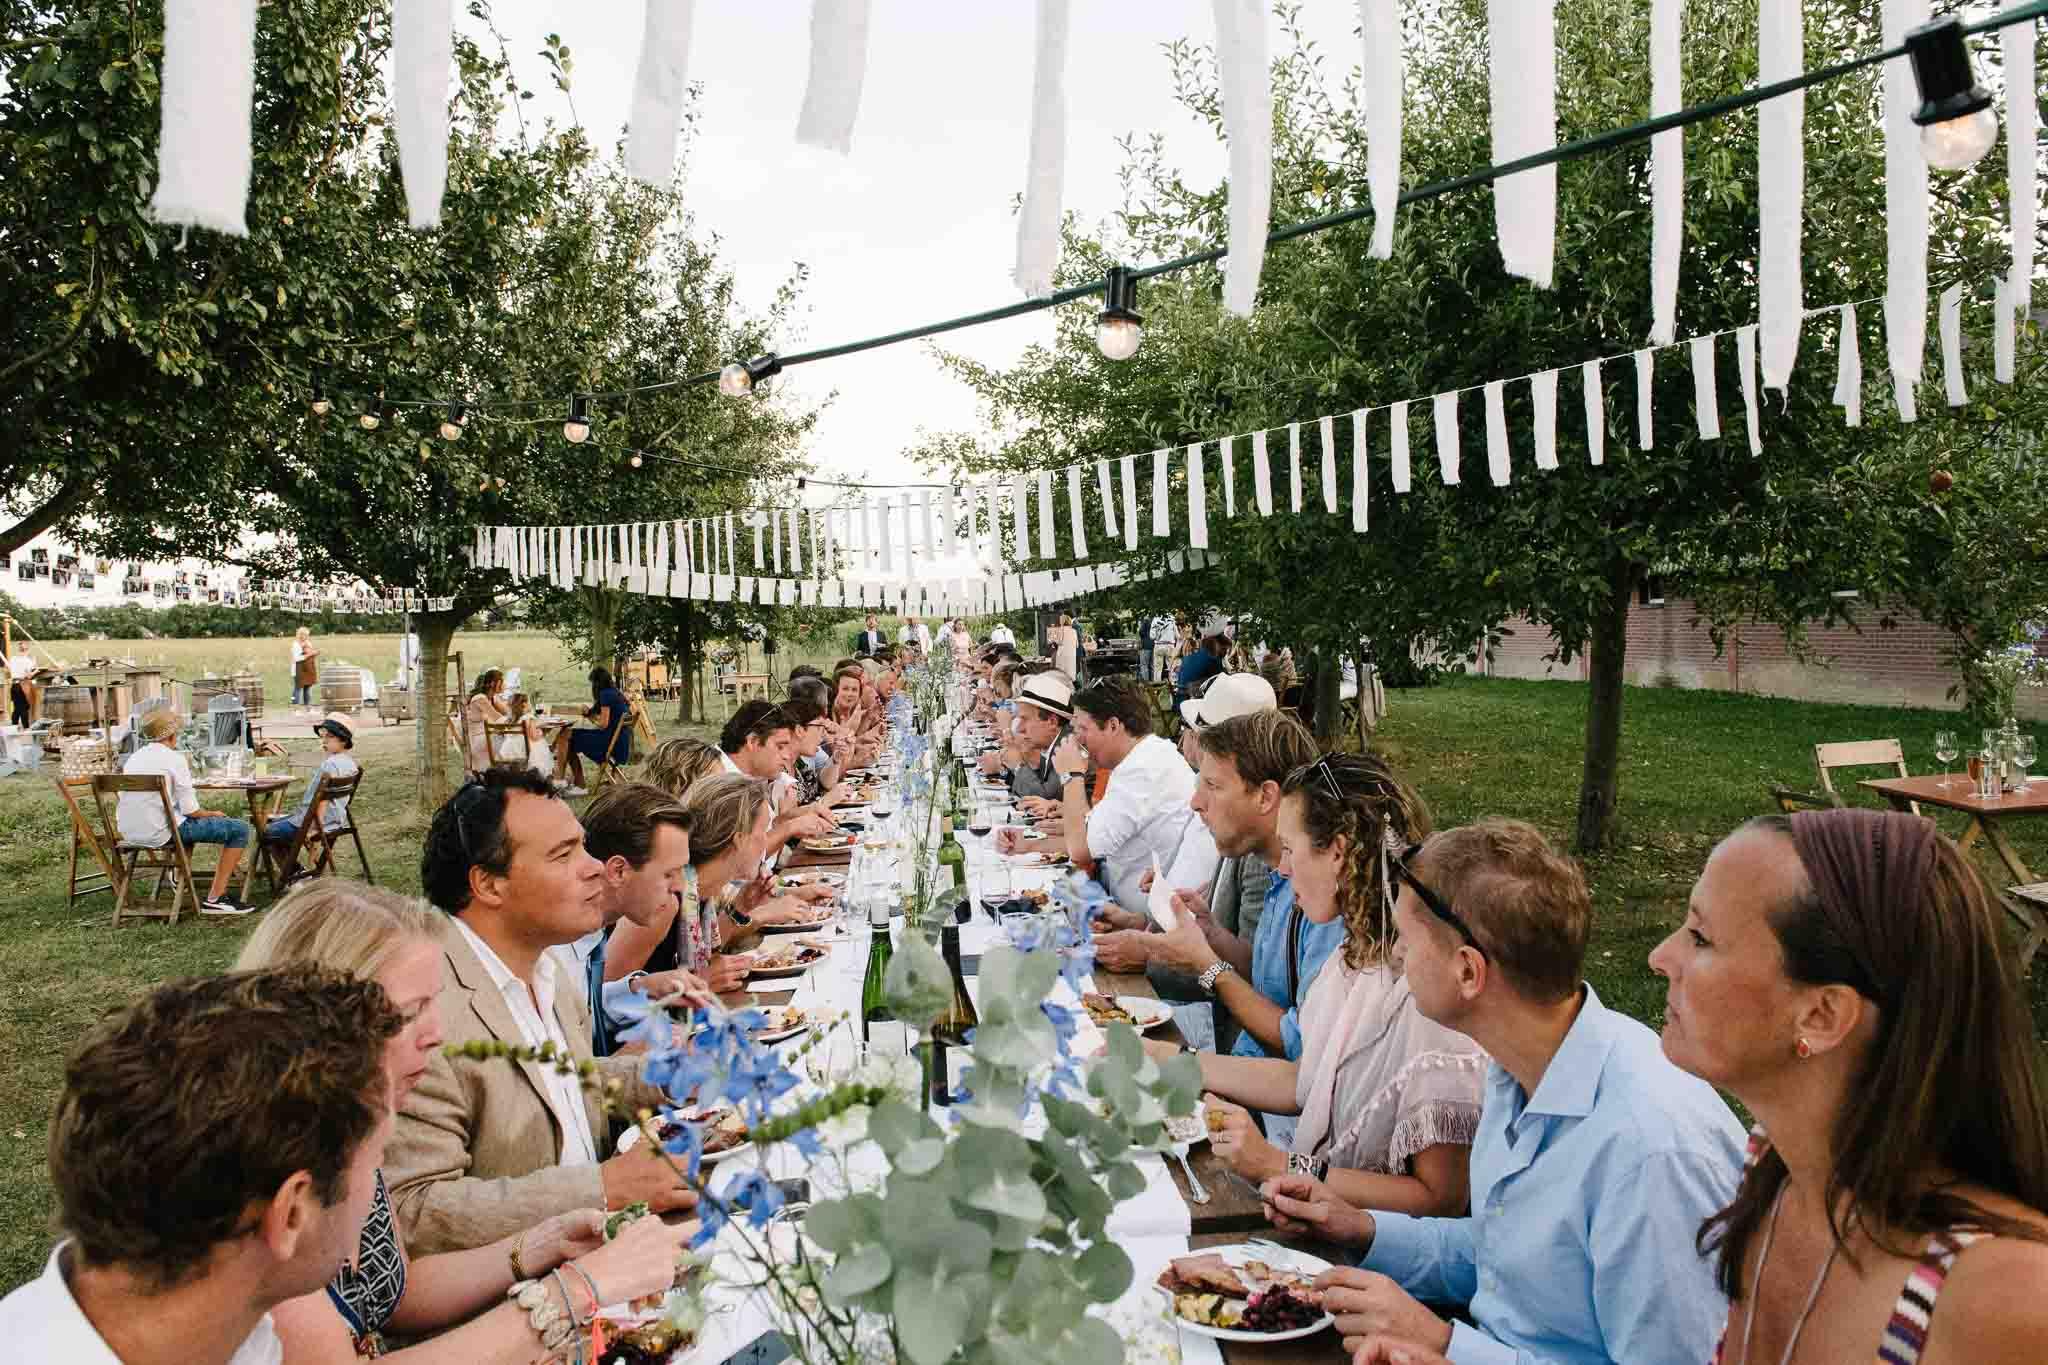 eten buiten lange tafels bruiloft italiaanse stijl